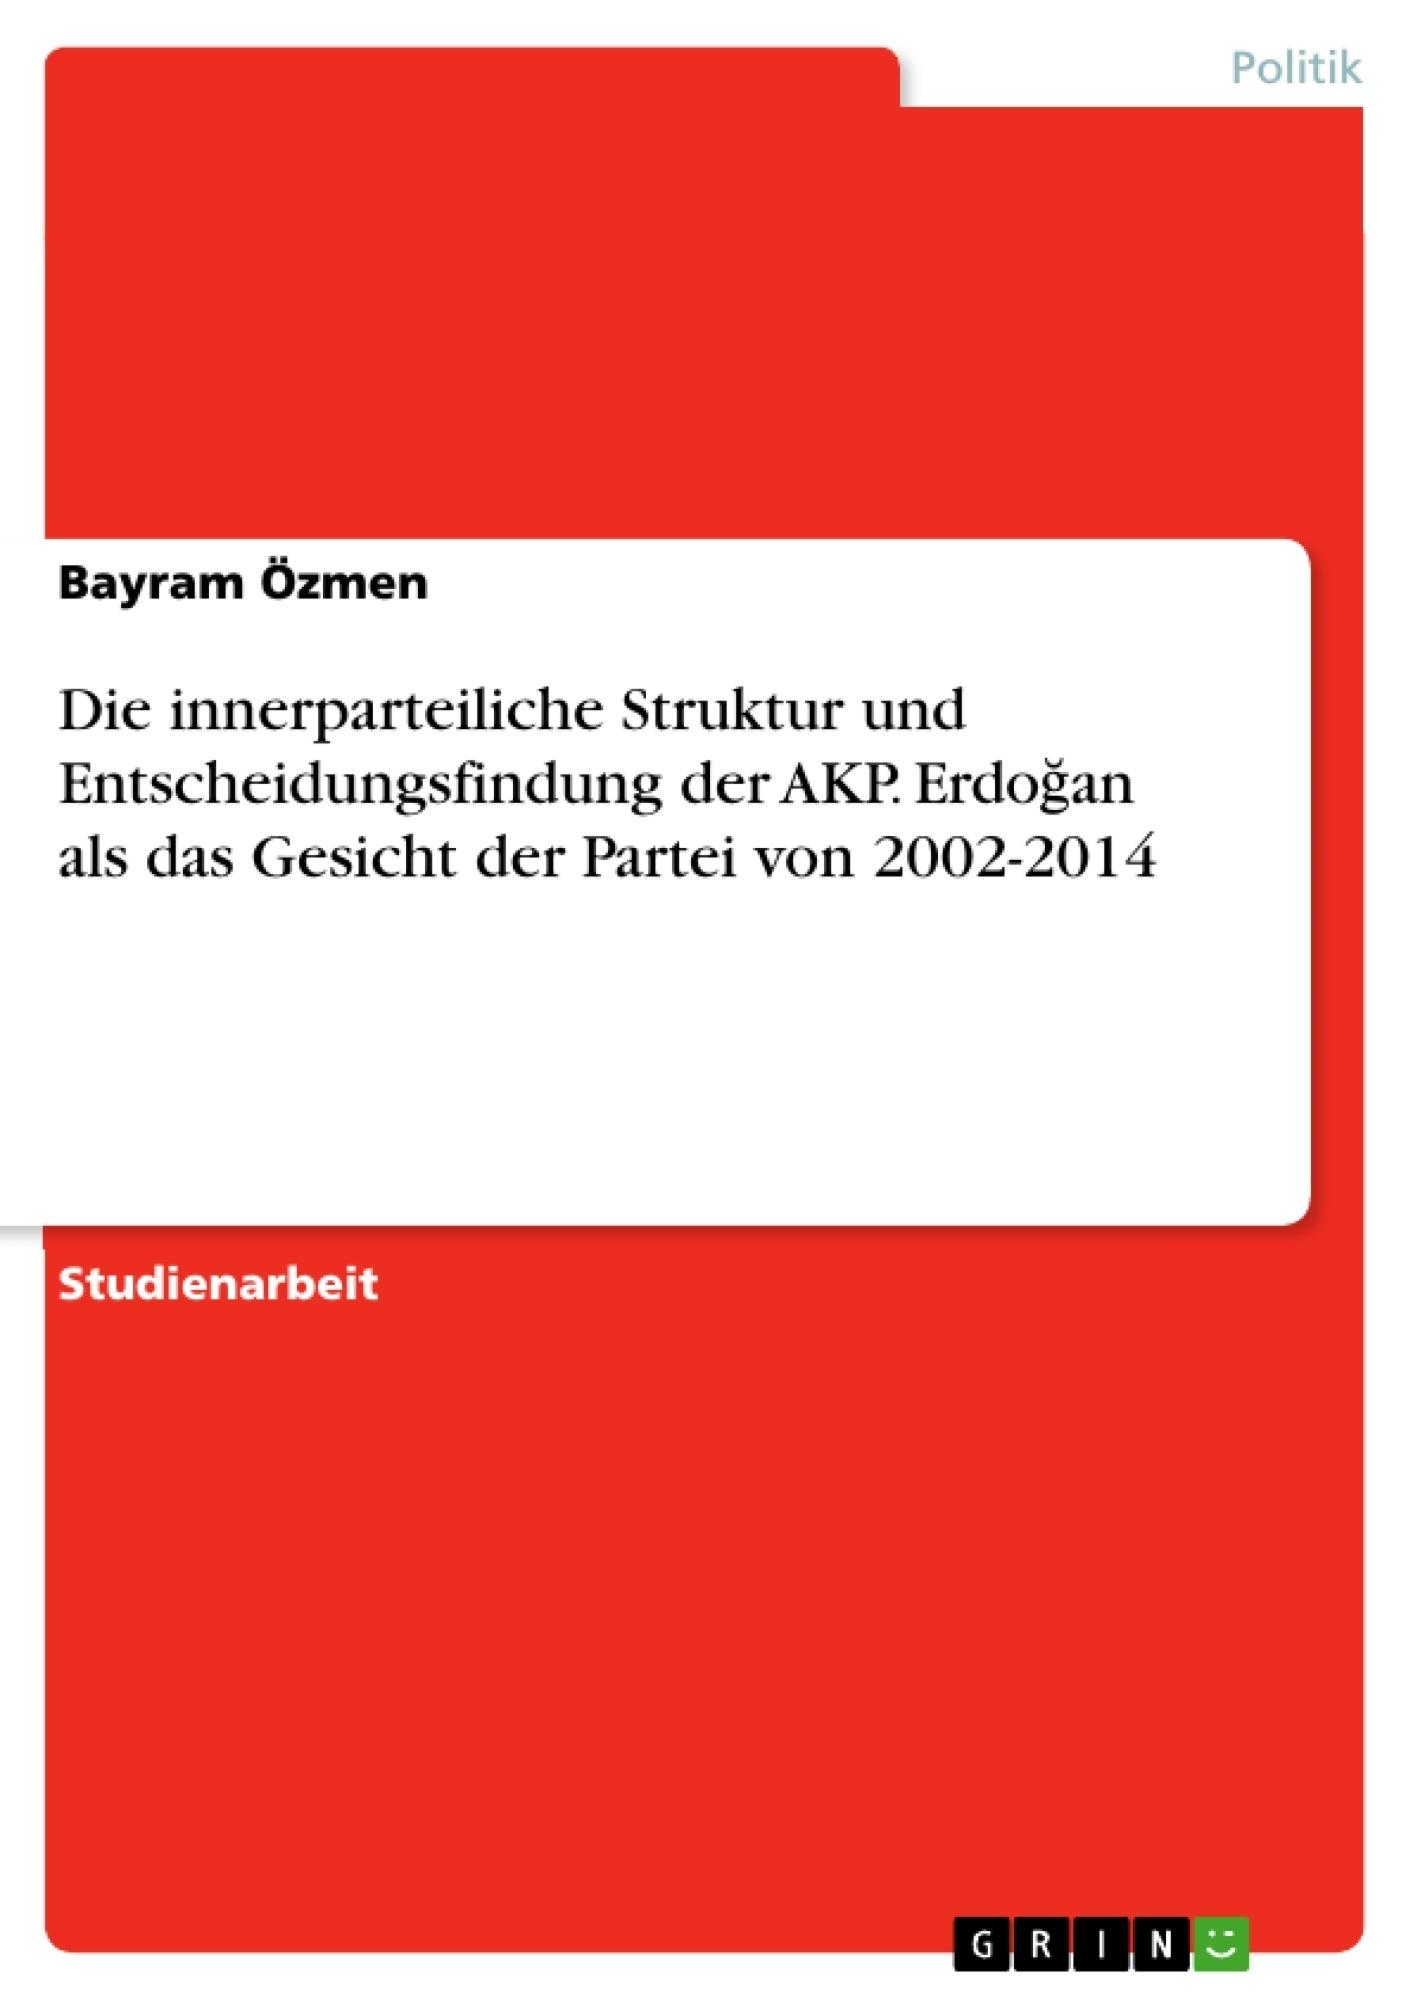 Titel: Die innerparteiliche Struktur und Entscheidungsfindung der AKP. Erdoğan als das Gesicht der Partei von 2002-2014